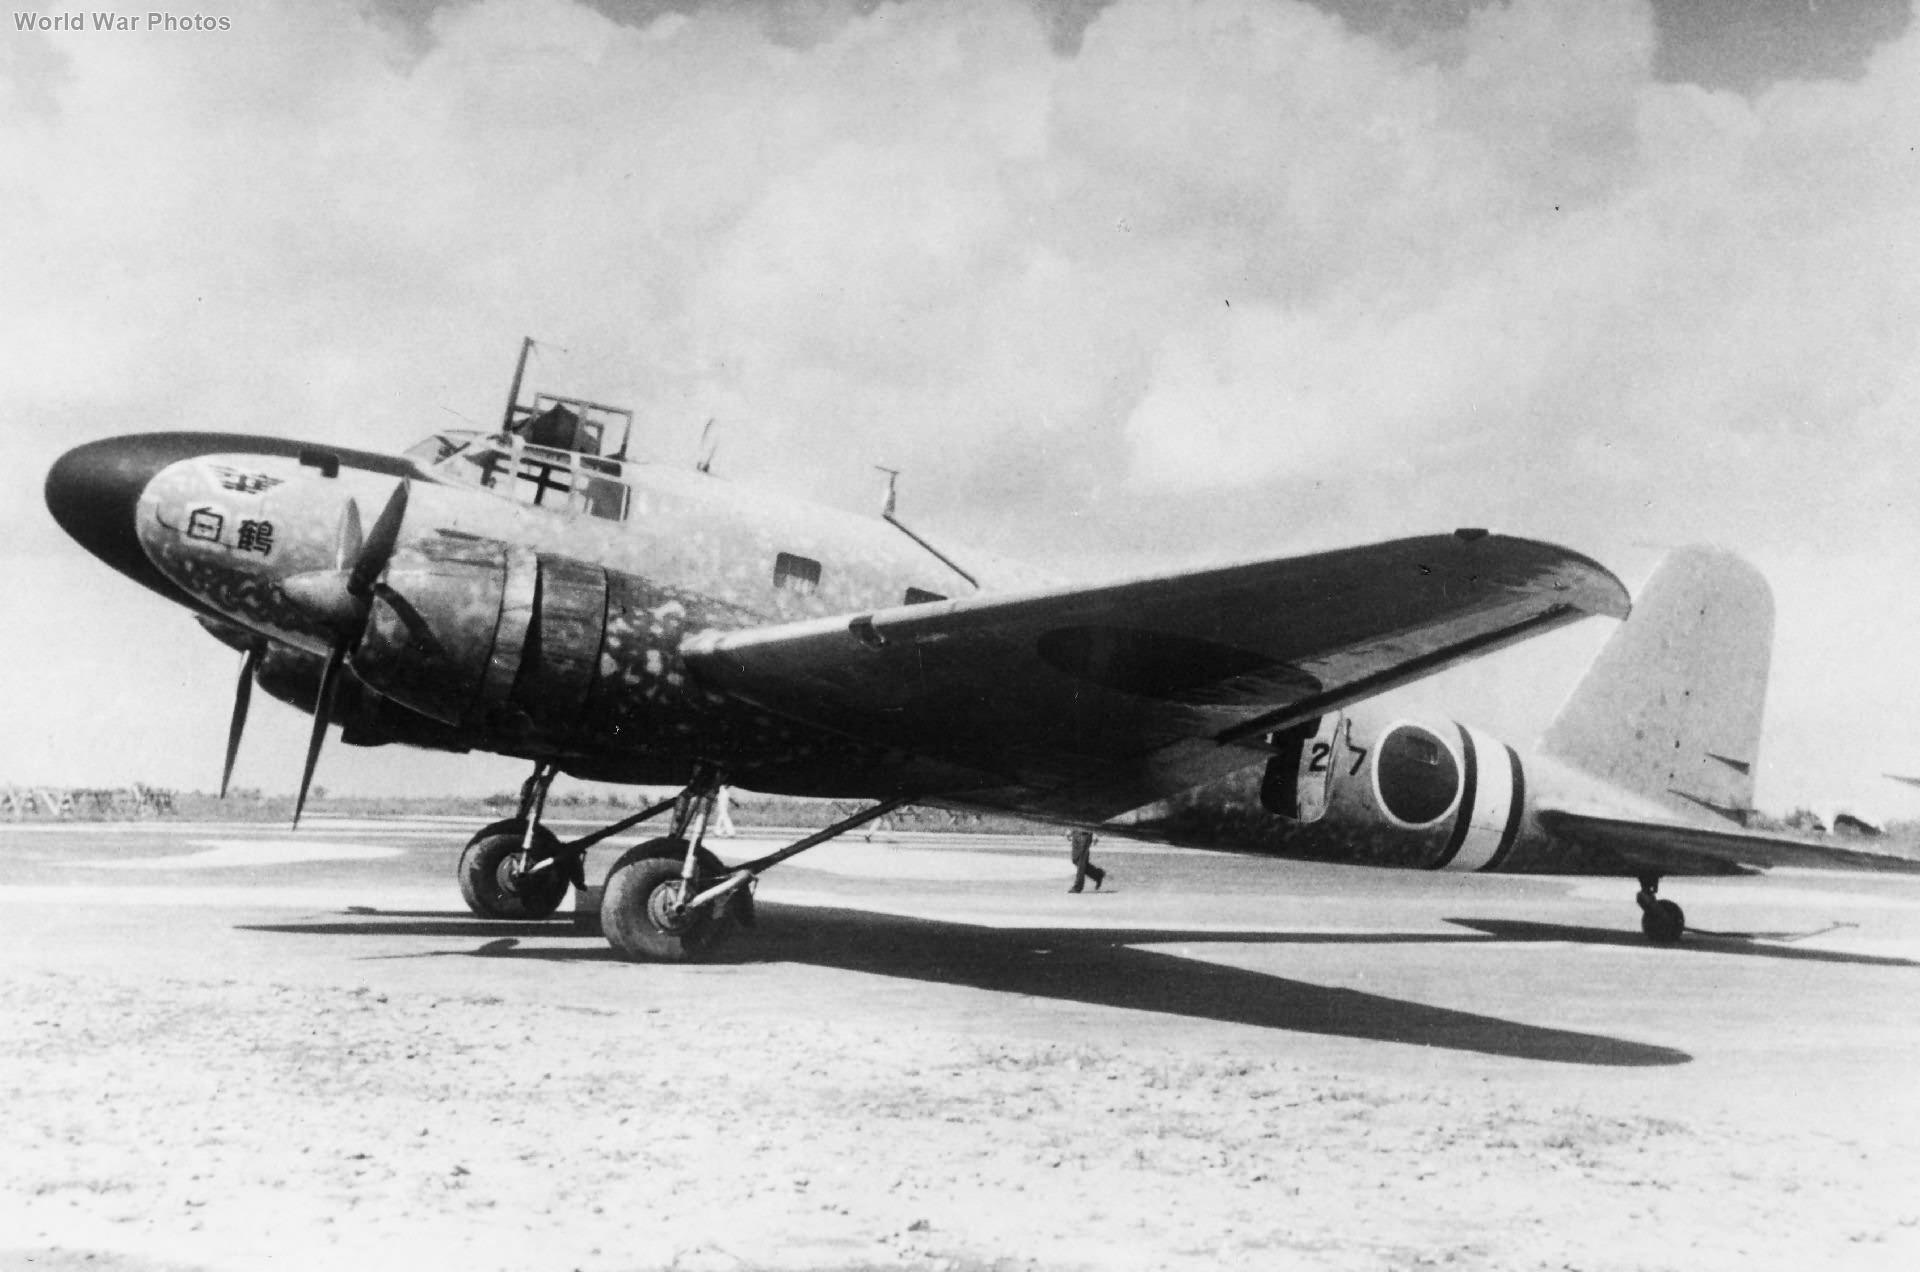 MC-20-II